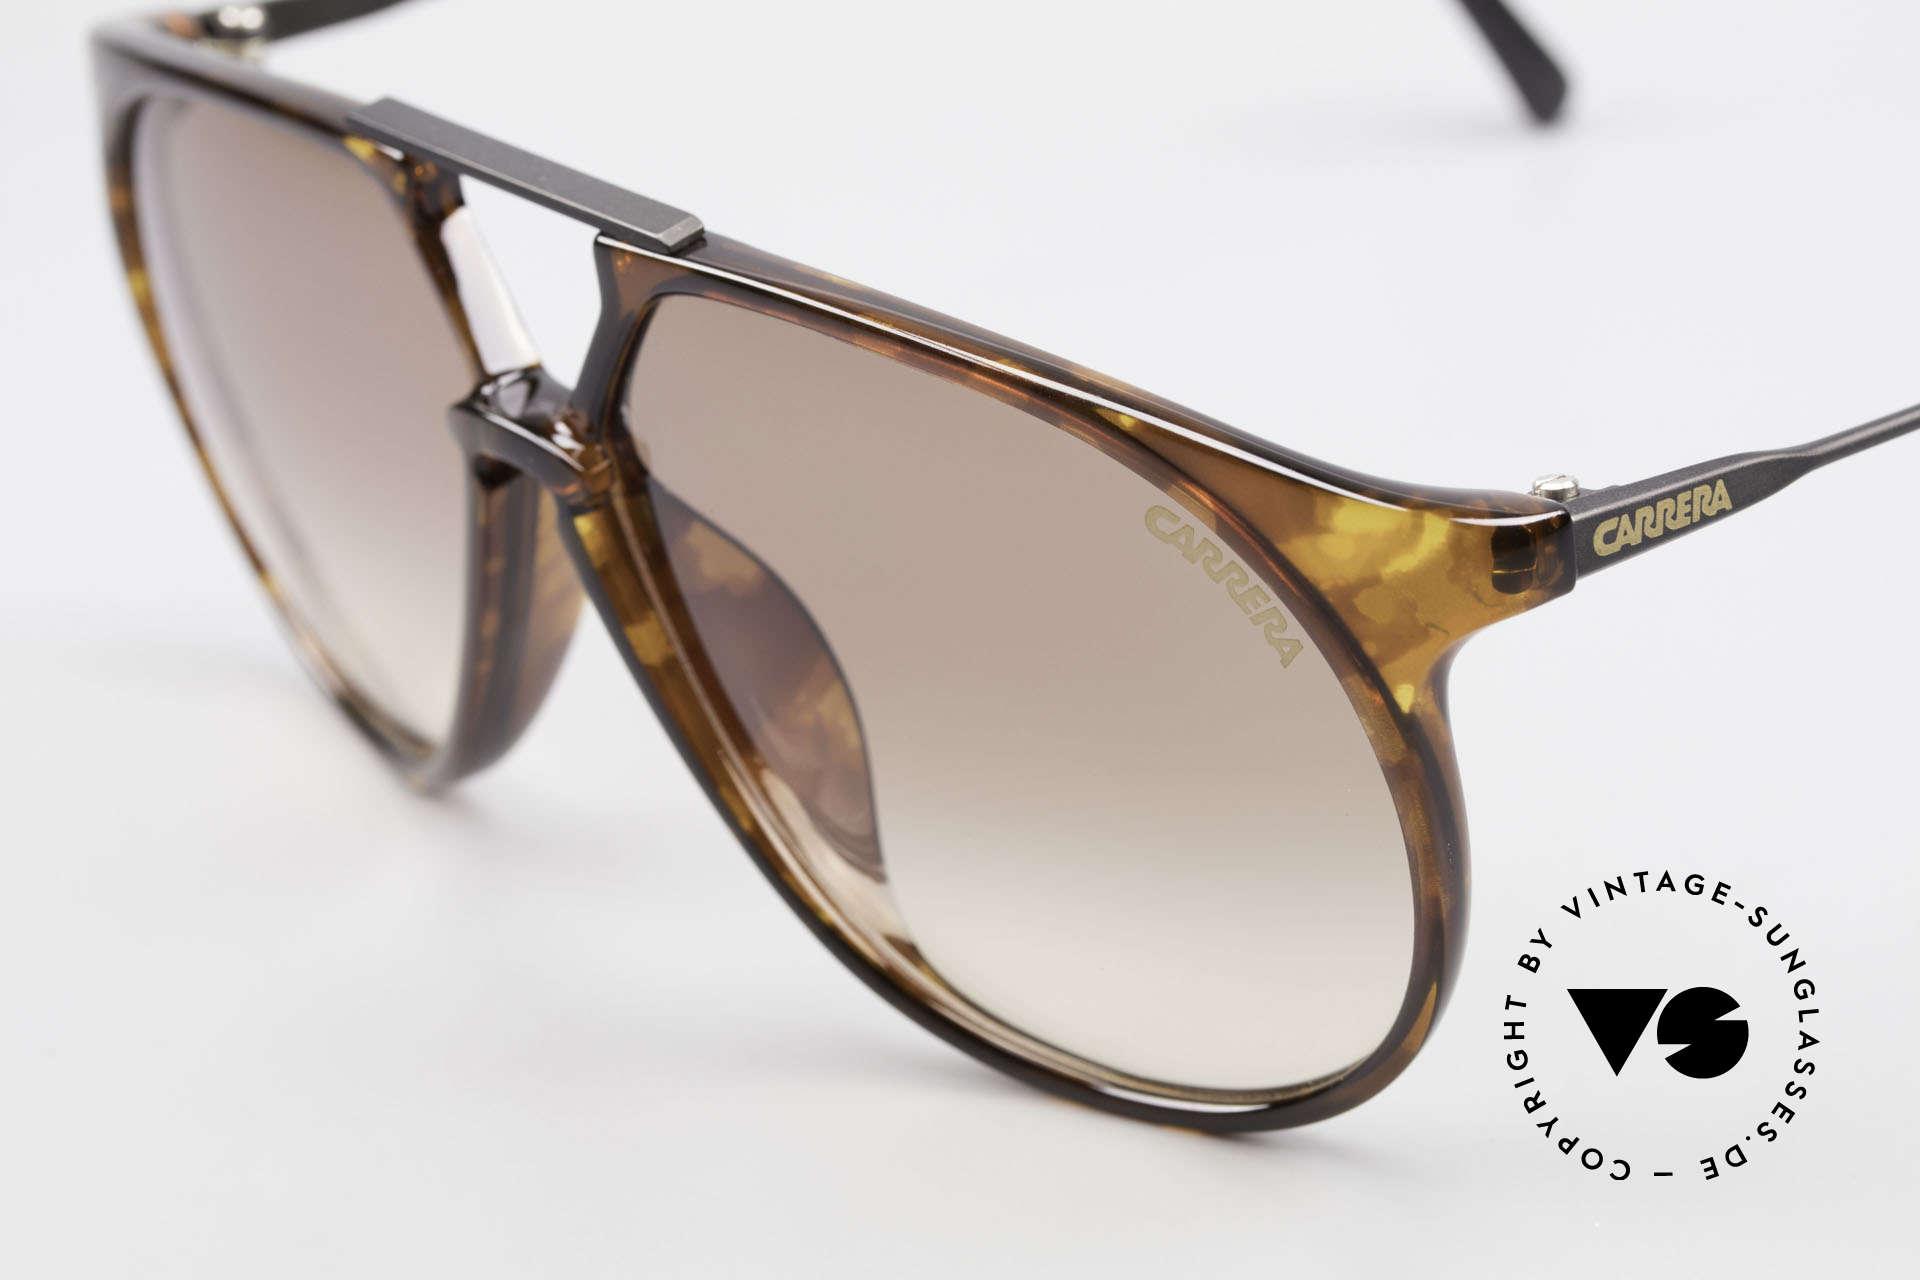 Carrera 5415 80s Sonnenbrille 2 Paar Gläser, 2 Paar Gläser: 1x grau & 1x braun-Verlauf (100% UV), Passend für Herren